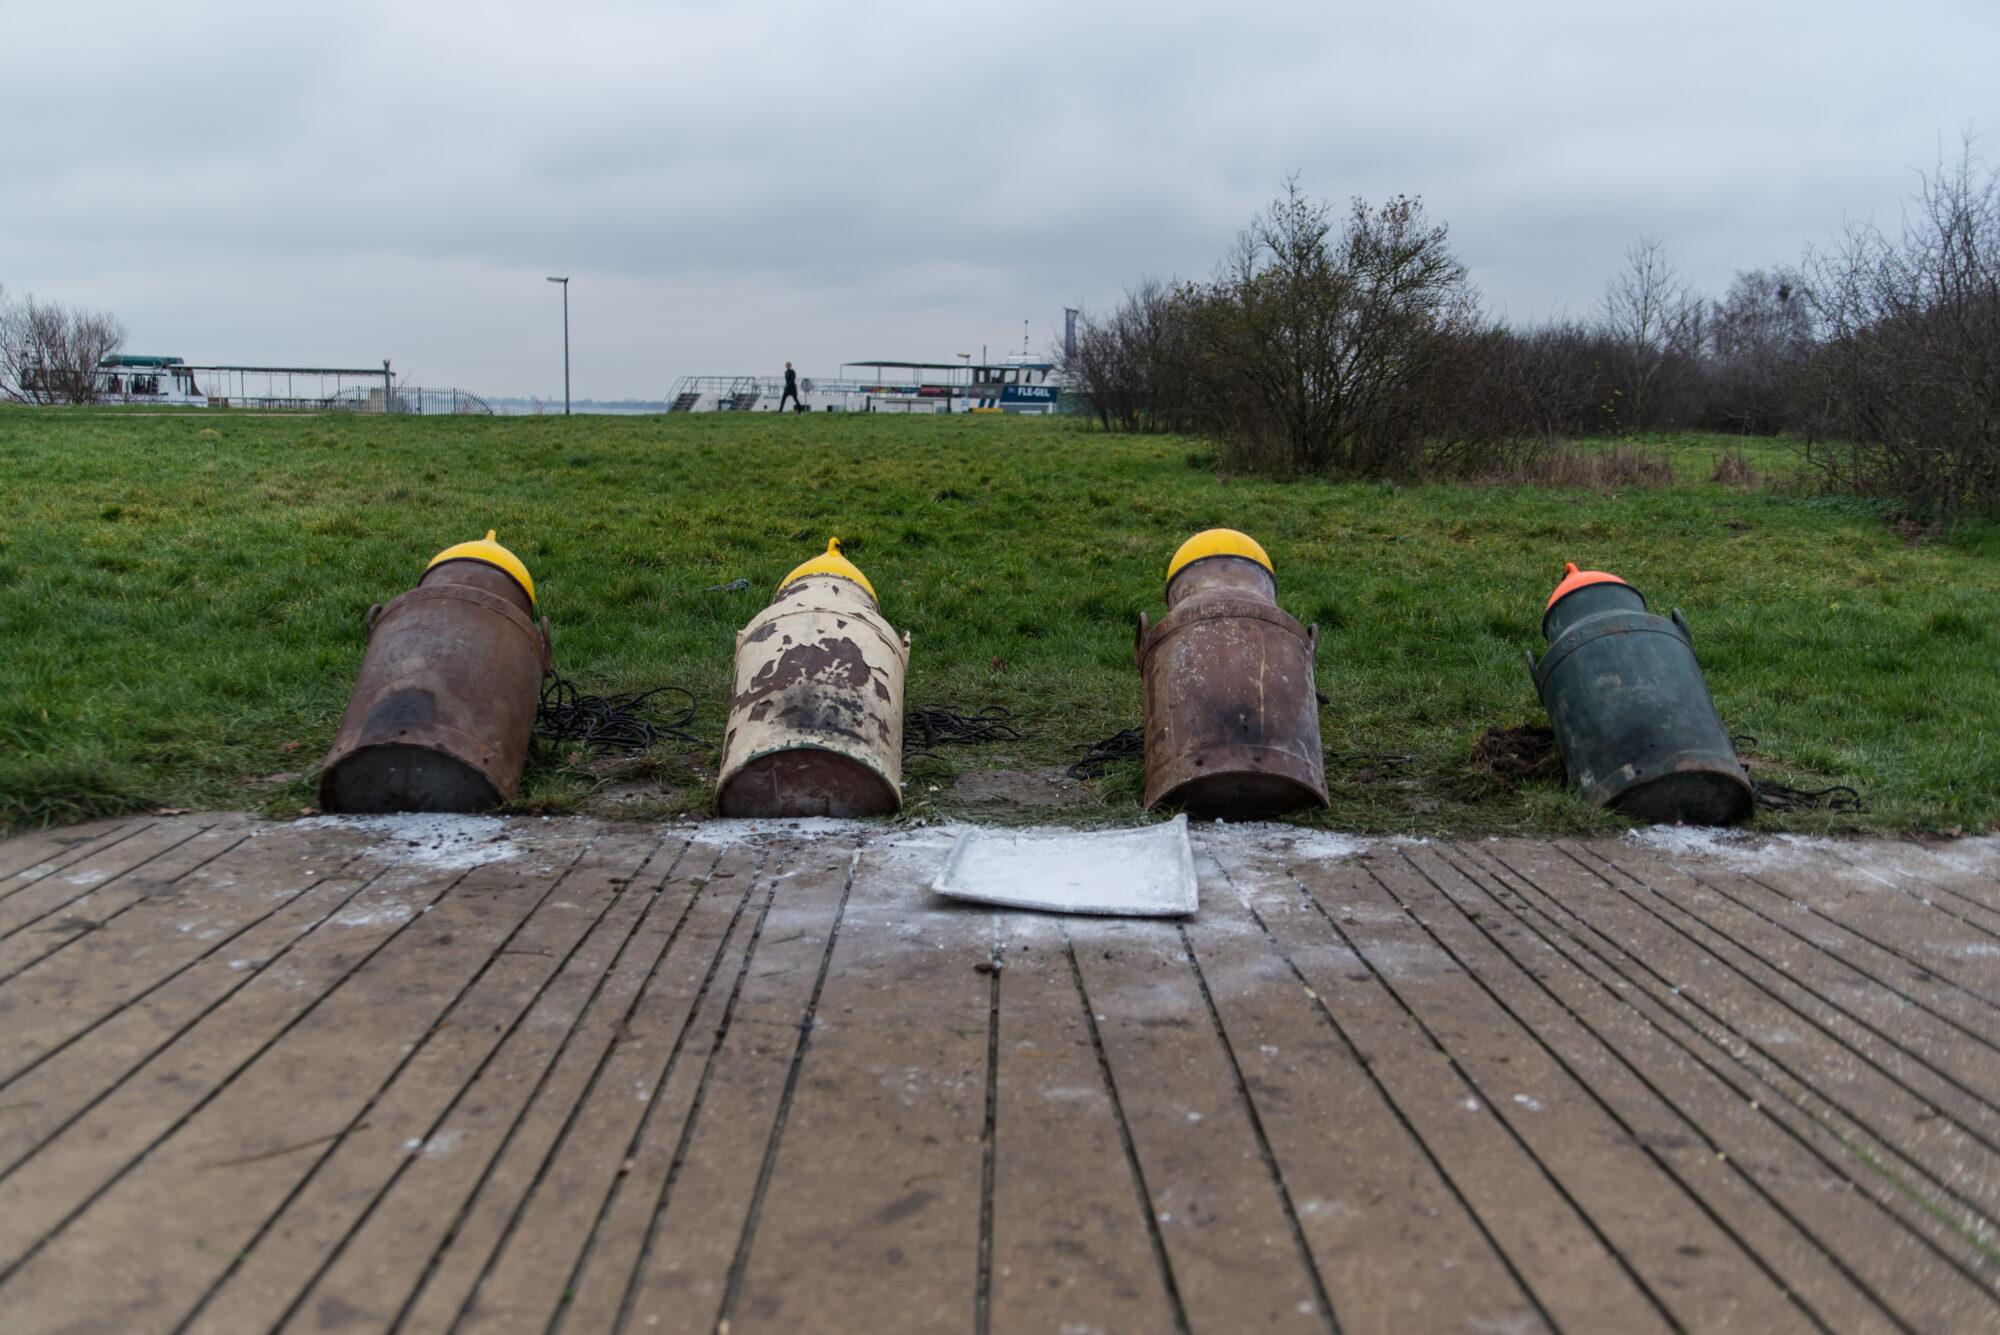 Carbidschieten gedeeltelijk toegestaan in Deventer